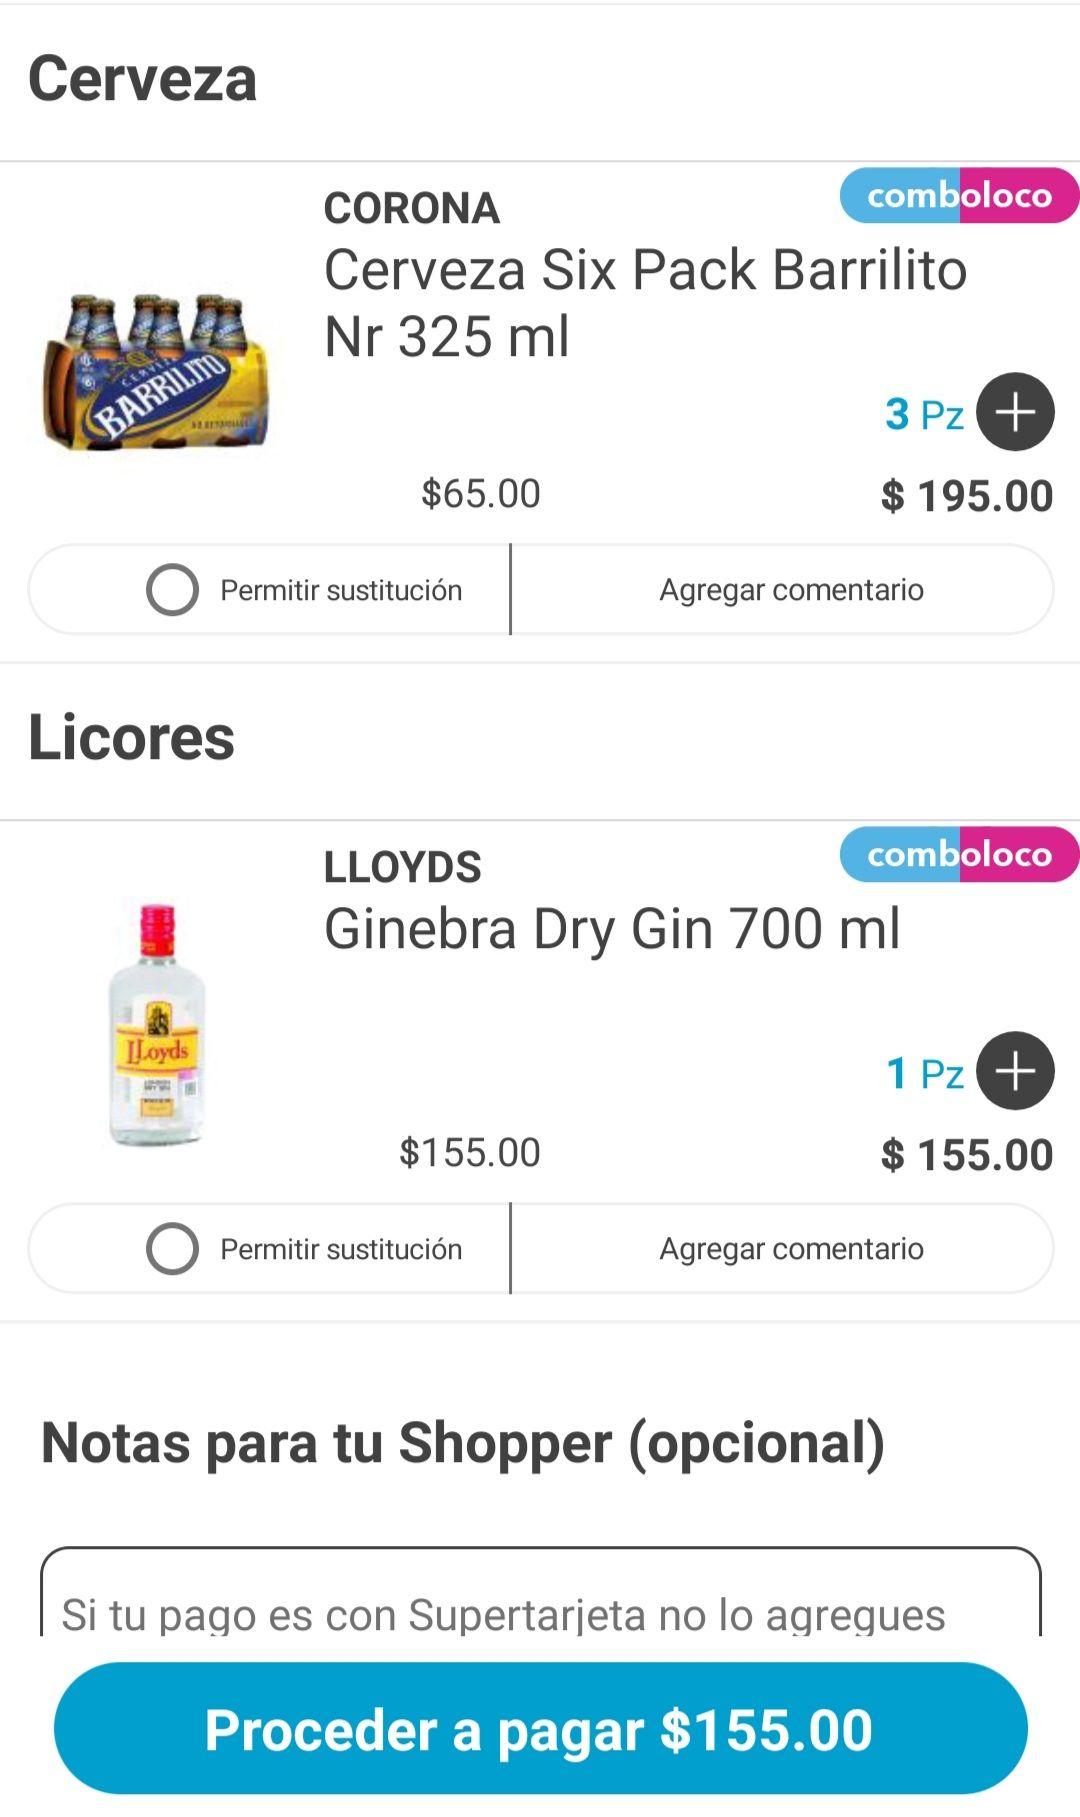 Heb en linea y app: COMBOLOCO COMPRA 1 GINEBRA DE 700ml + 3 SIXPACK DE BARRILITOS